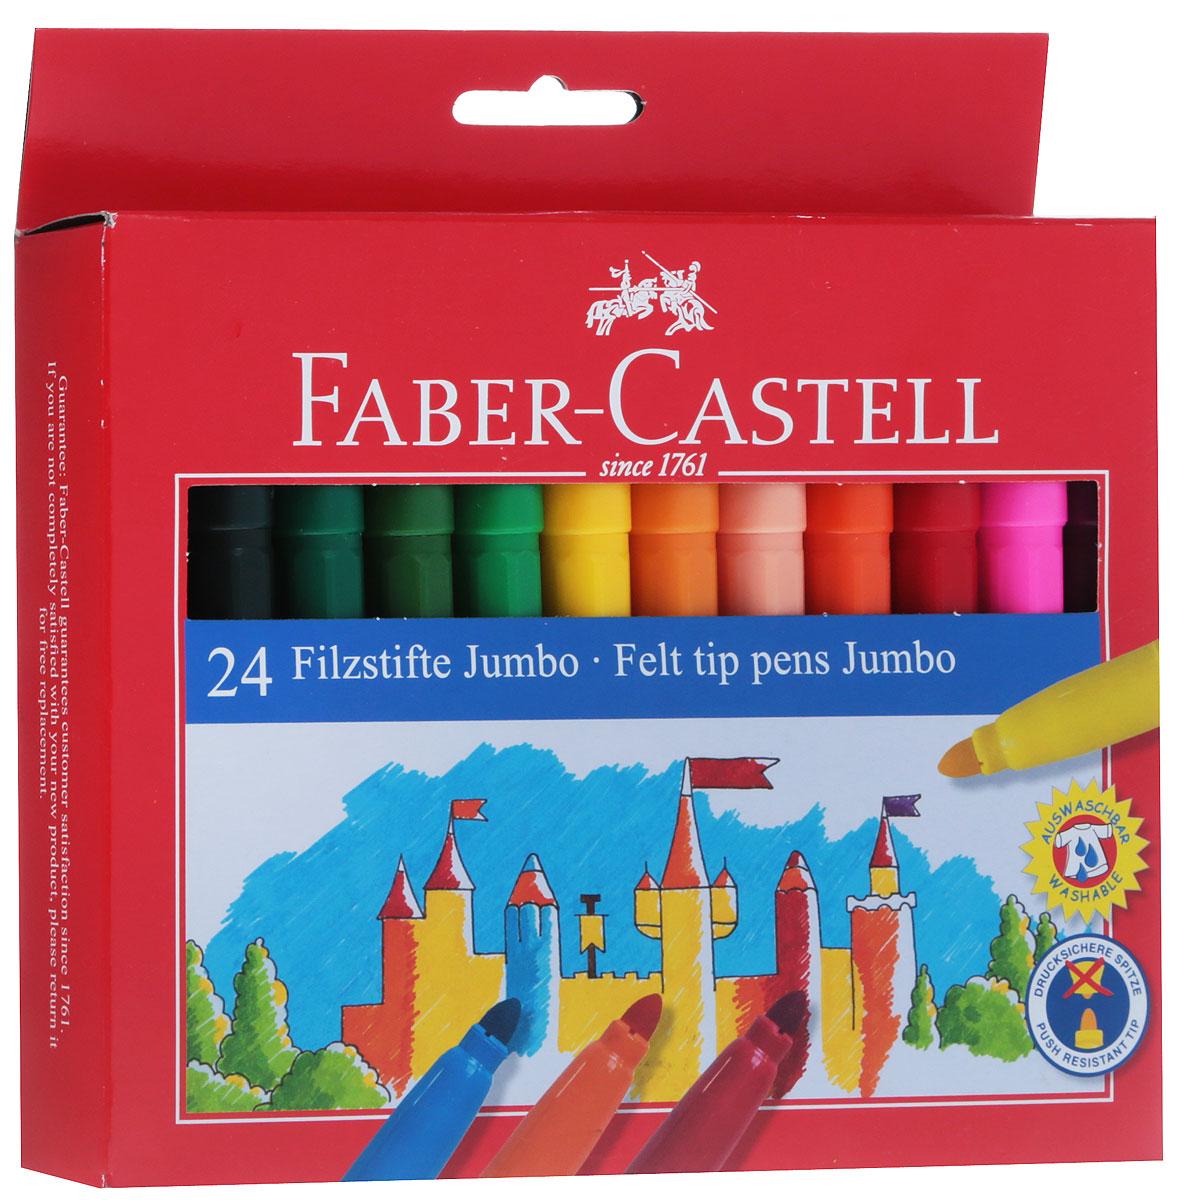 Фломастеры Faber-Castell Jumbo помогут маленькому художнику раскрыть свой творческий потенциал, рисовать и раскрашивать яркие картинки, развивая воображение, мелкую моторику и цветовосприятие. В наборе Faber-Castell Jumbo 12 разноцветных фломастеров. Корпусы выполнены из пластика. Чернила на водной основе окрашены с использованием пищевых красителей, благодаря чему они полностью безопасны для ребенка и имеют яркие, насыщенные цвета. Если маленький художник запачкался - не беда, ведь фломастеры отстирываются с большинства тканей. Вентилируемый колпачок надолго сохранит яркость цветов.Не рекомендуется детям до 3-х лет.